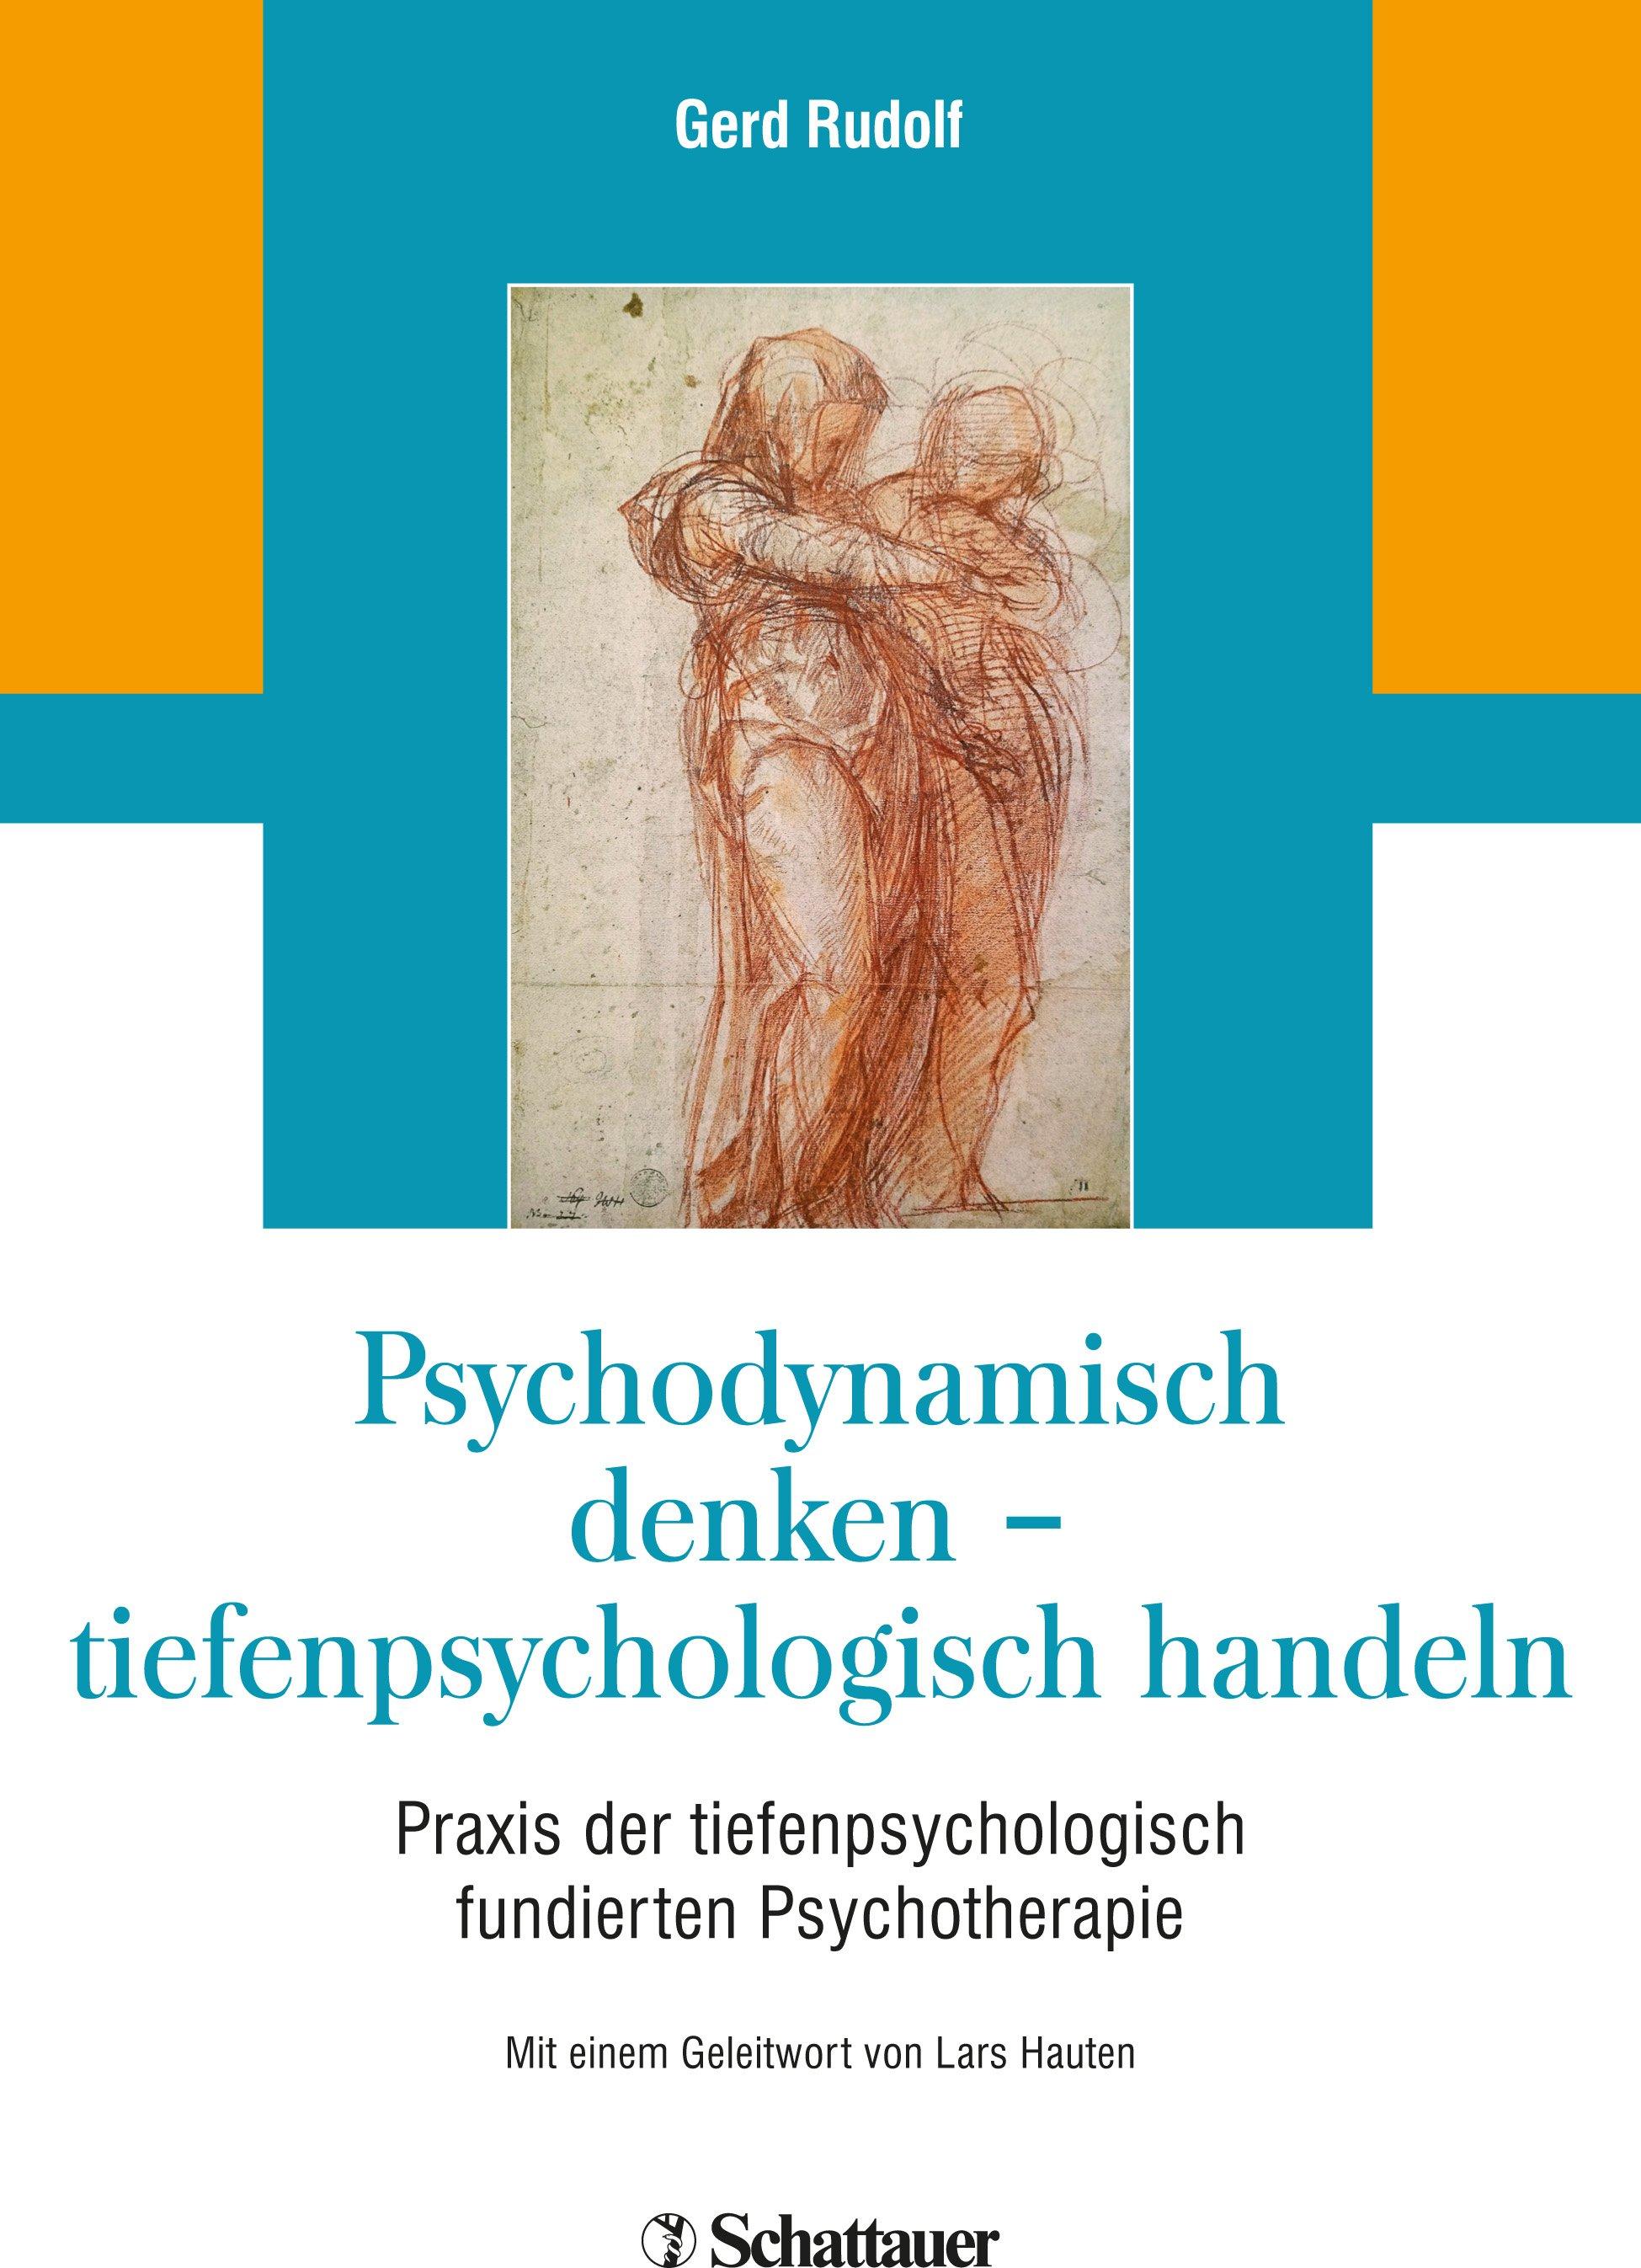 Psychodynamisch denken - tiefenpsychologisch handeln